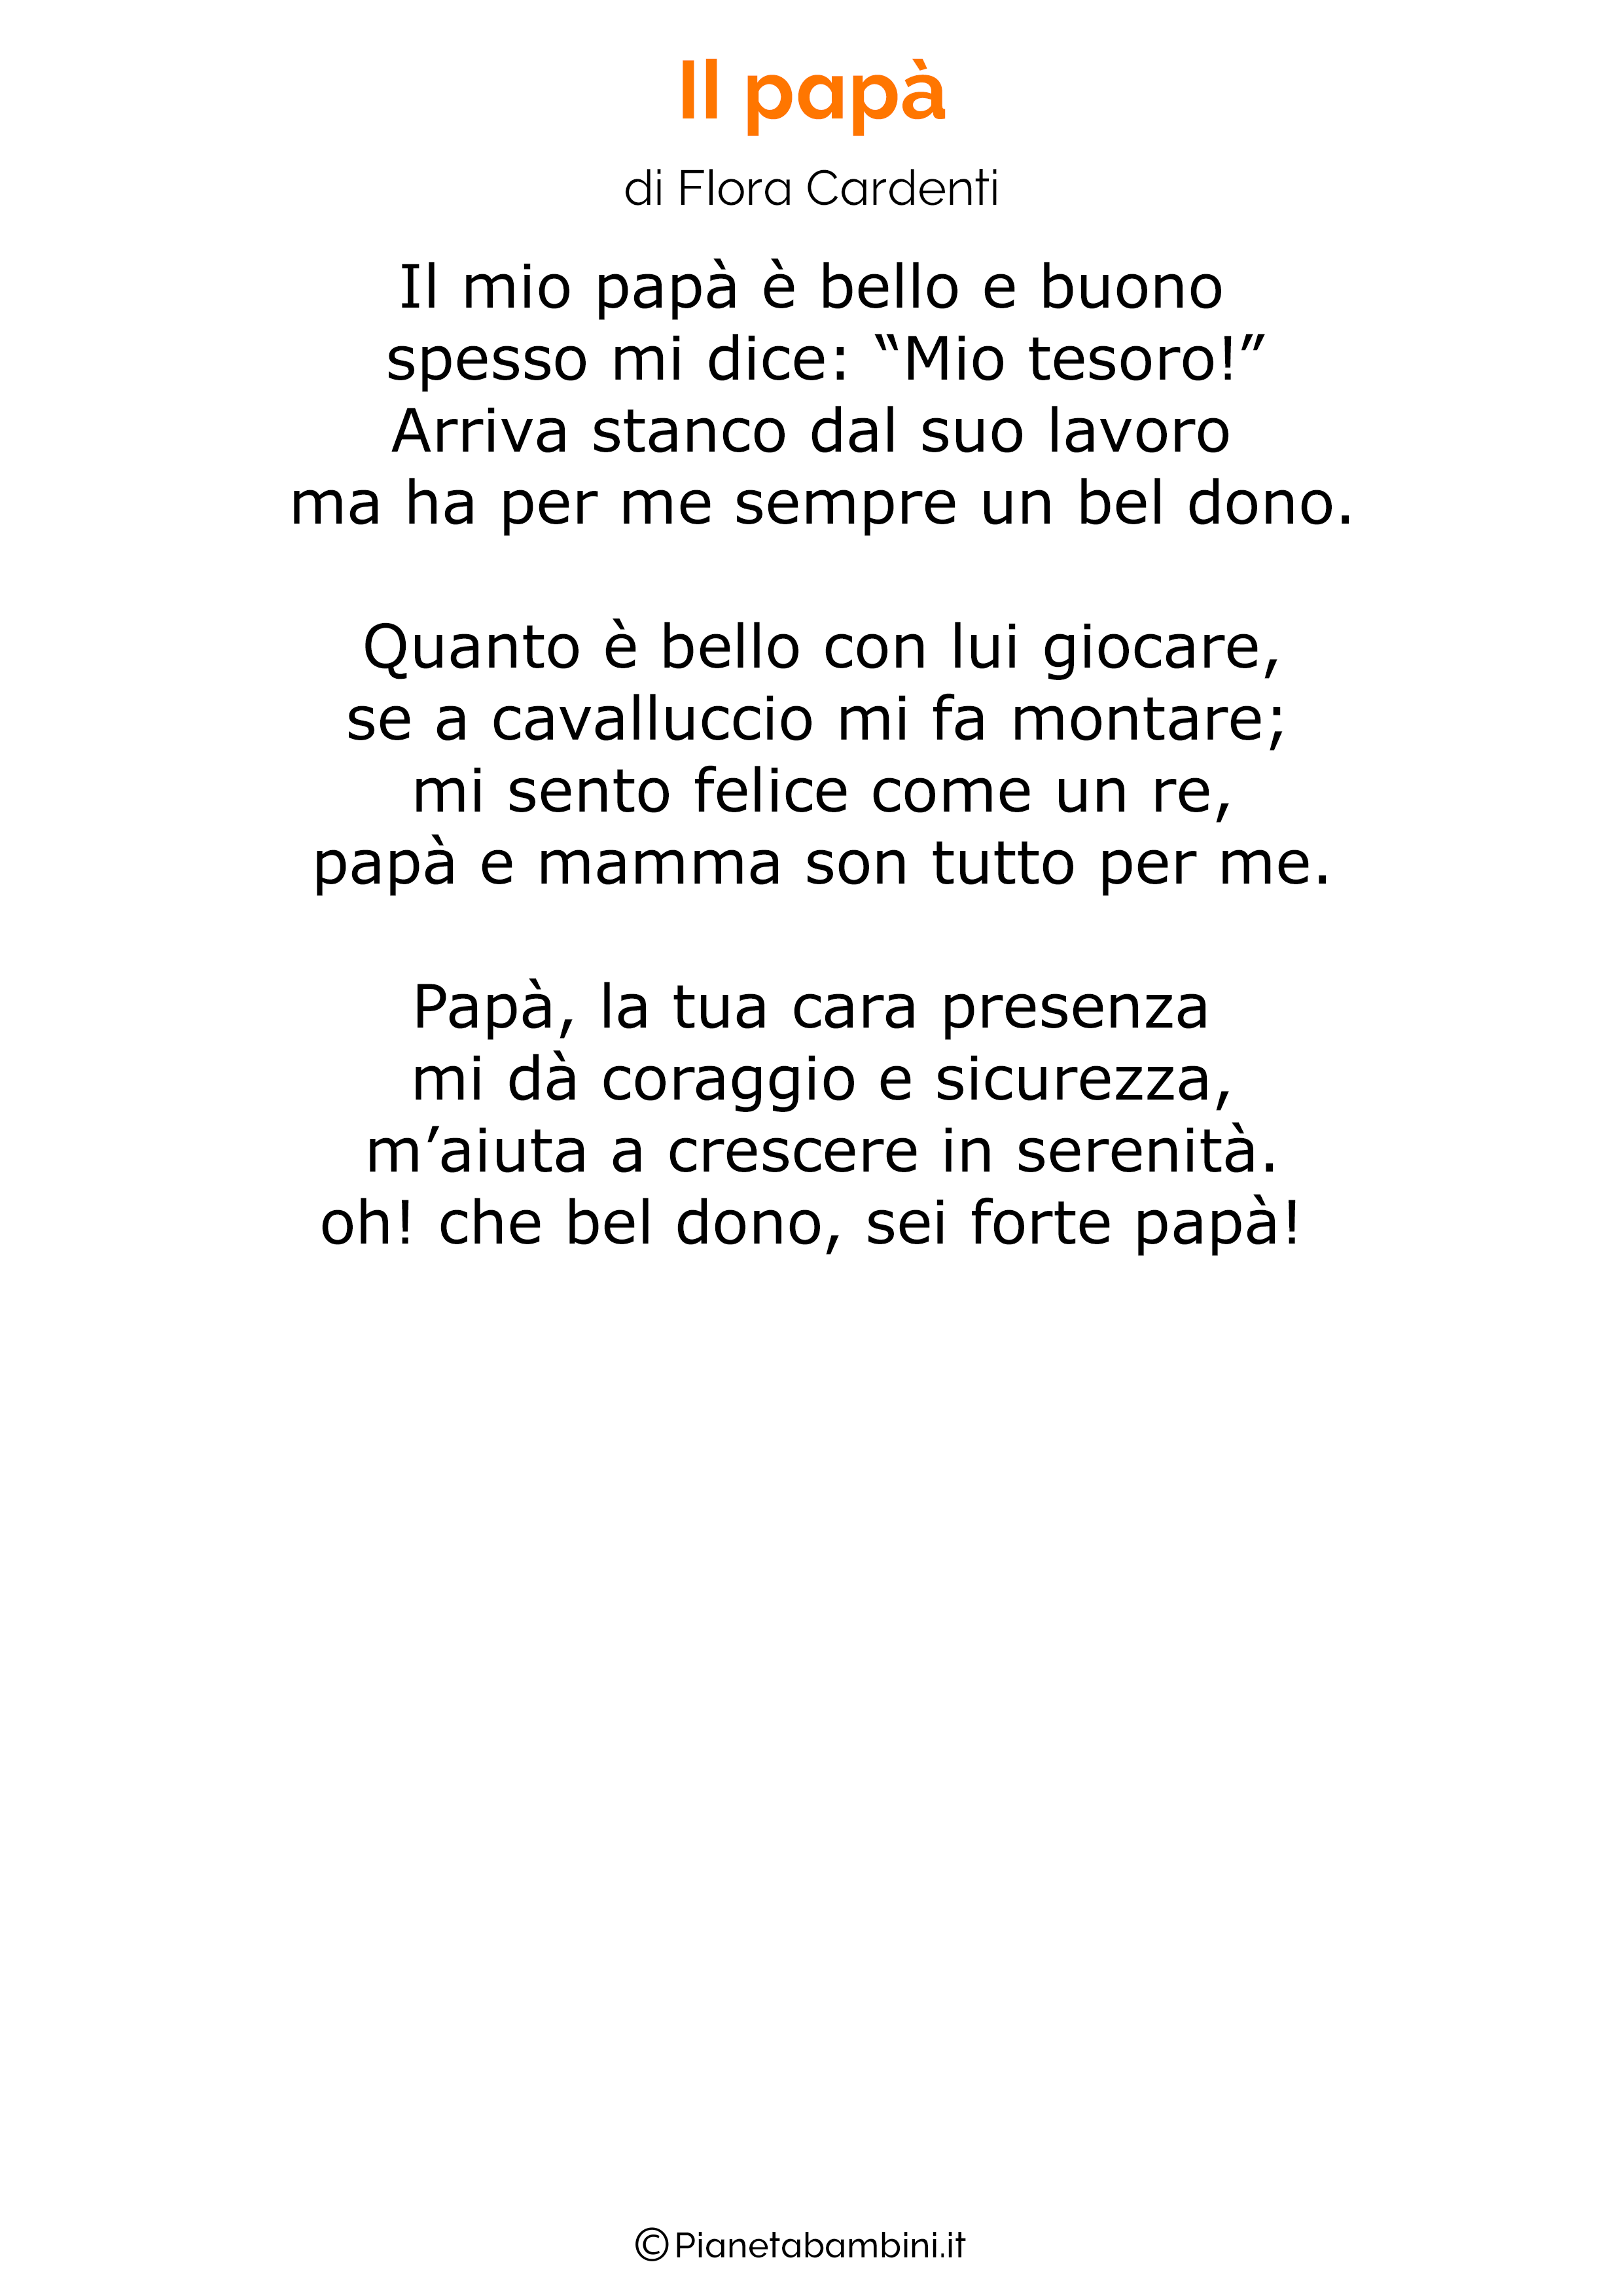 Poesia per la festa del papa per bambini 21